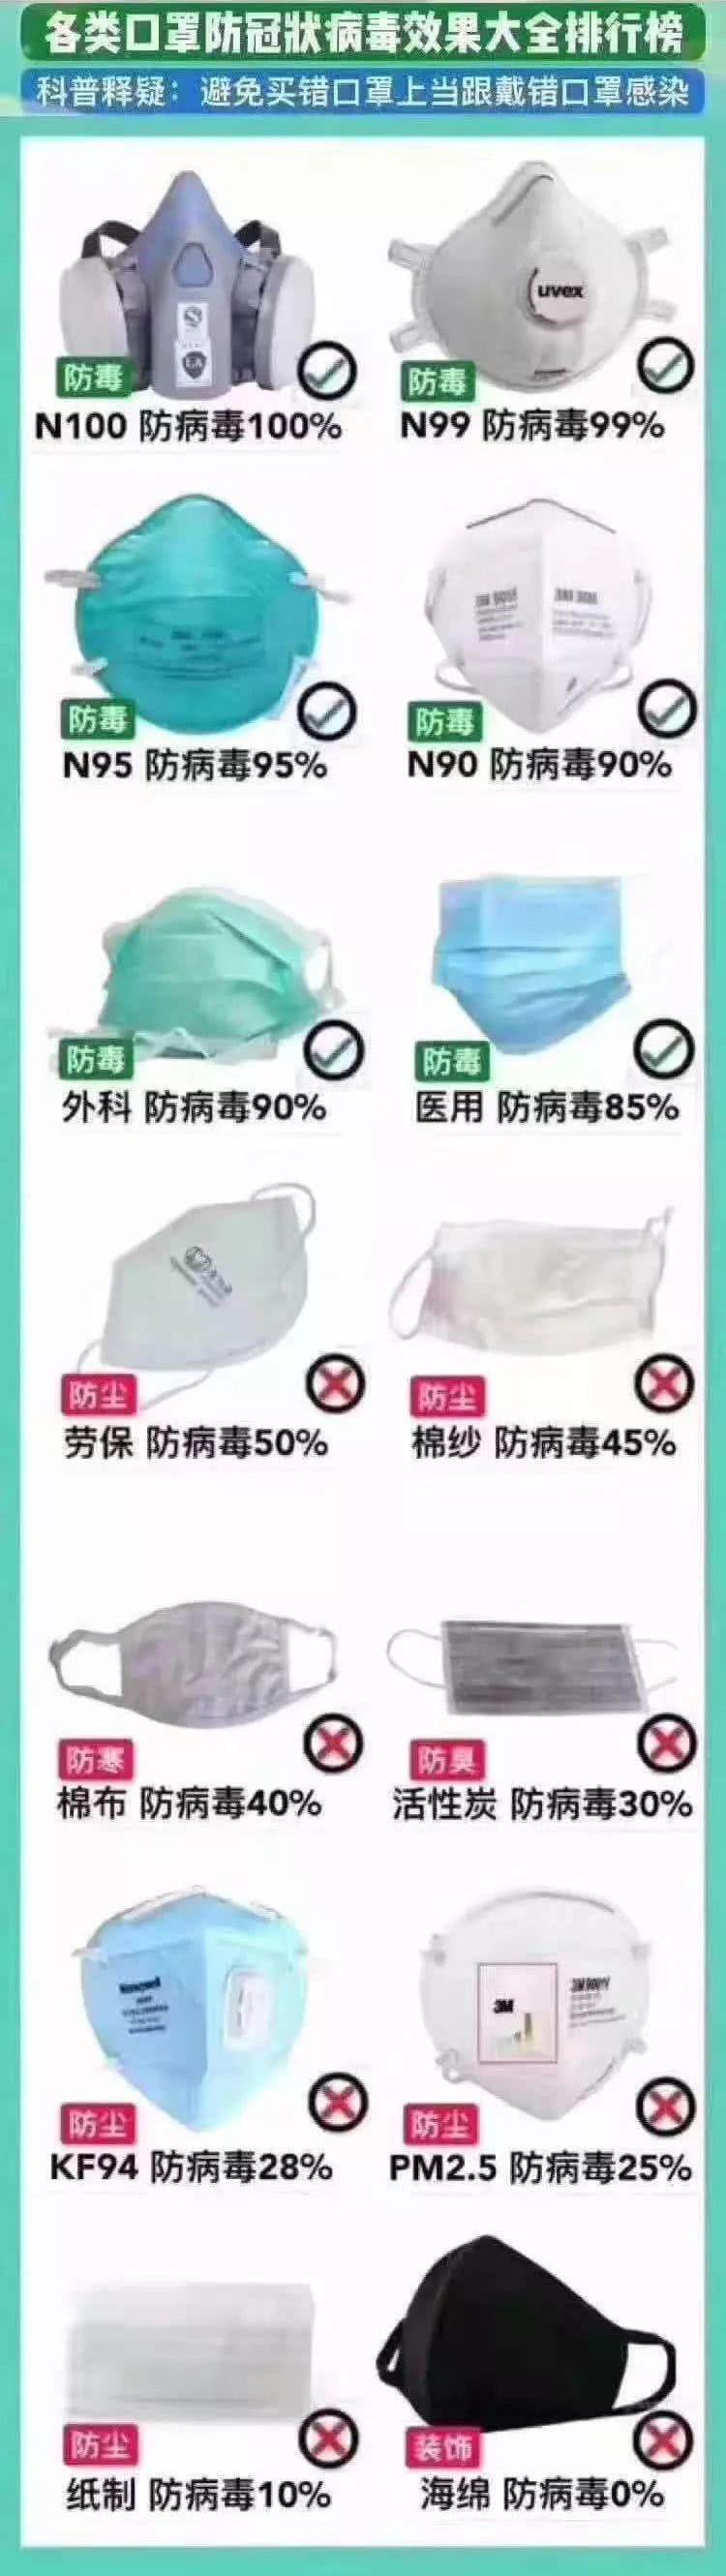 各类口罩防新冠病毒效果大全排行榜